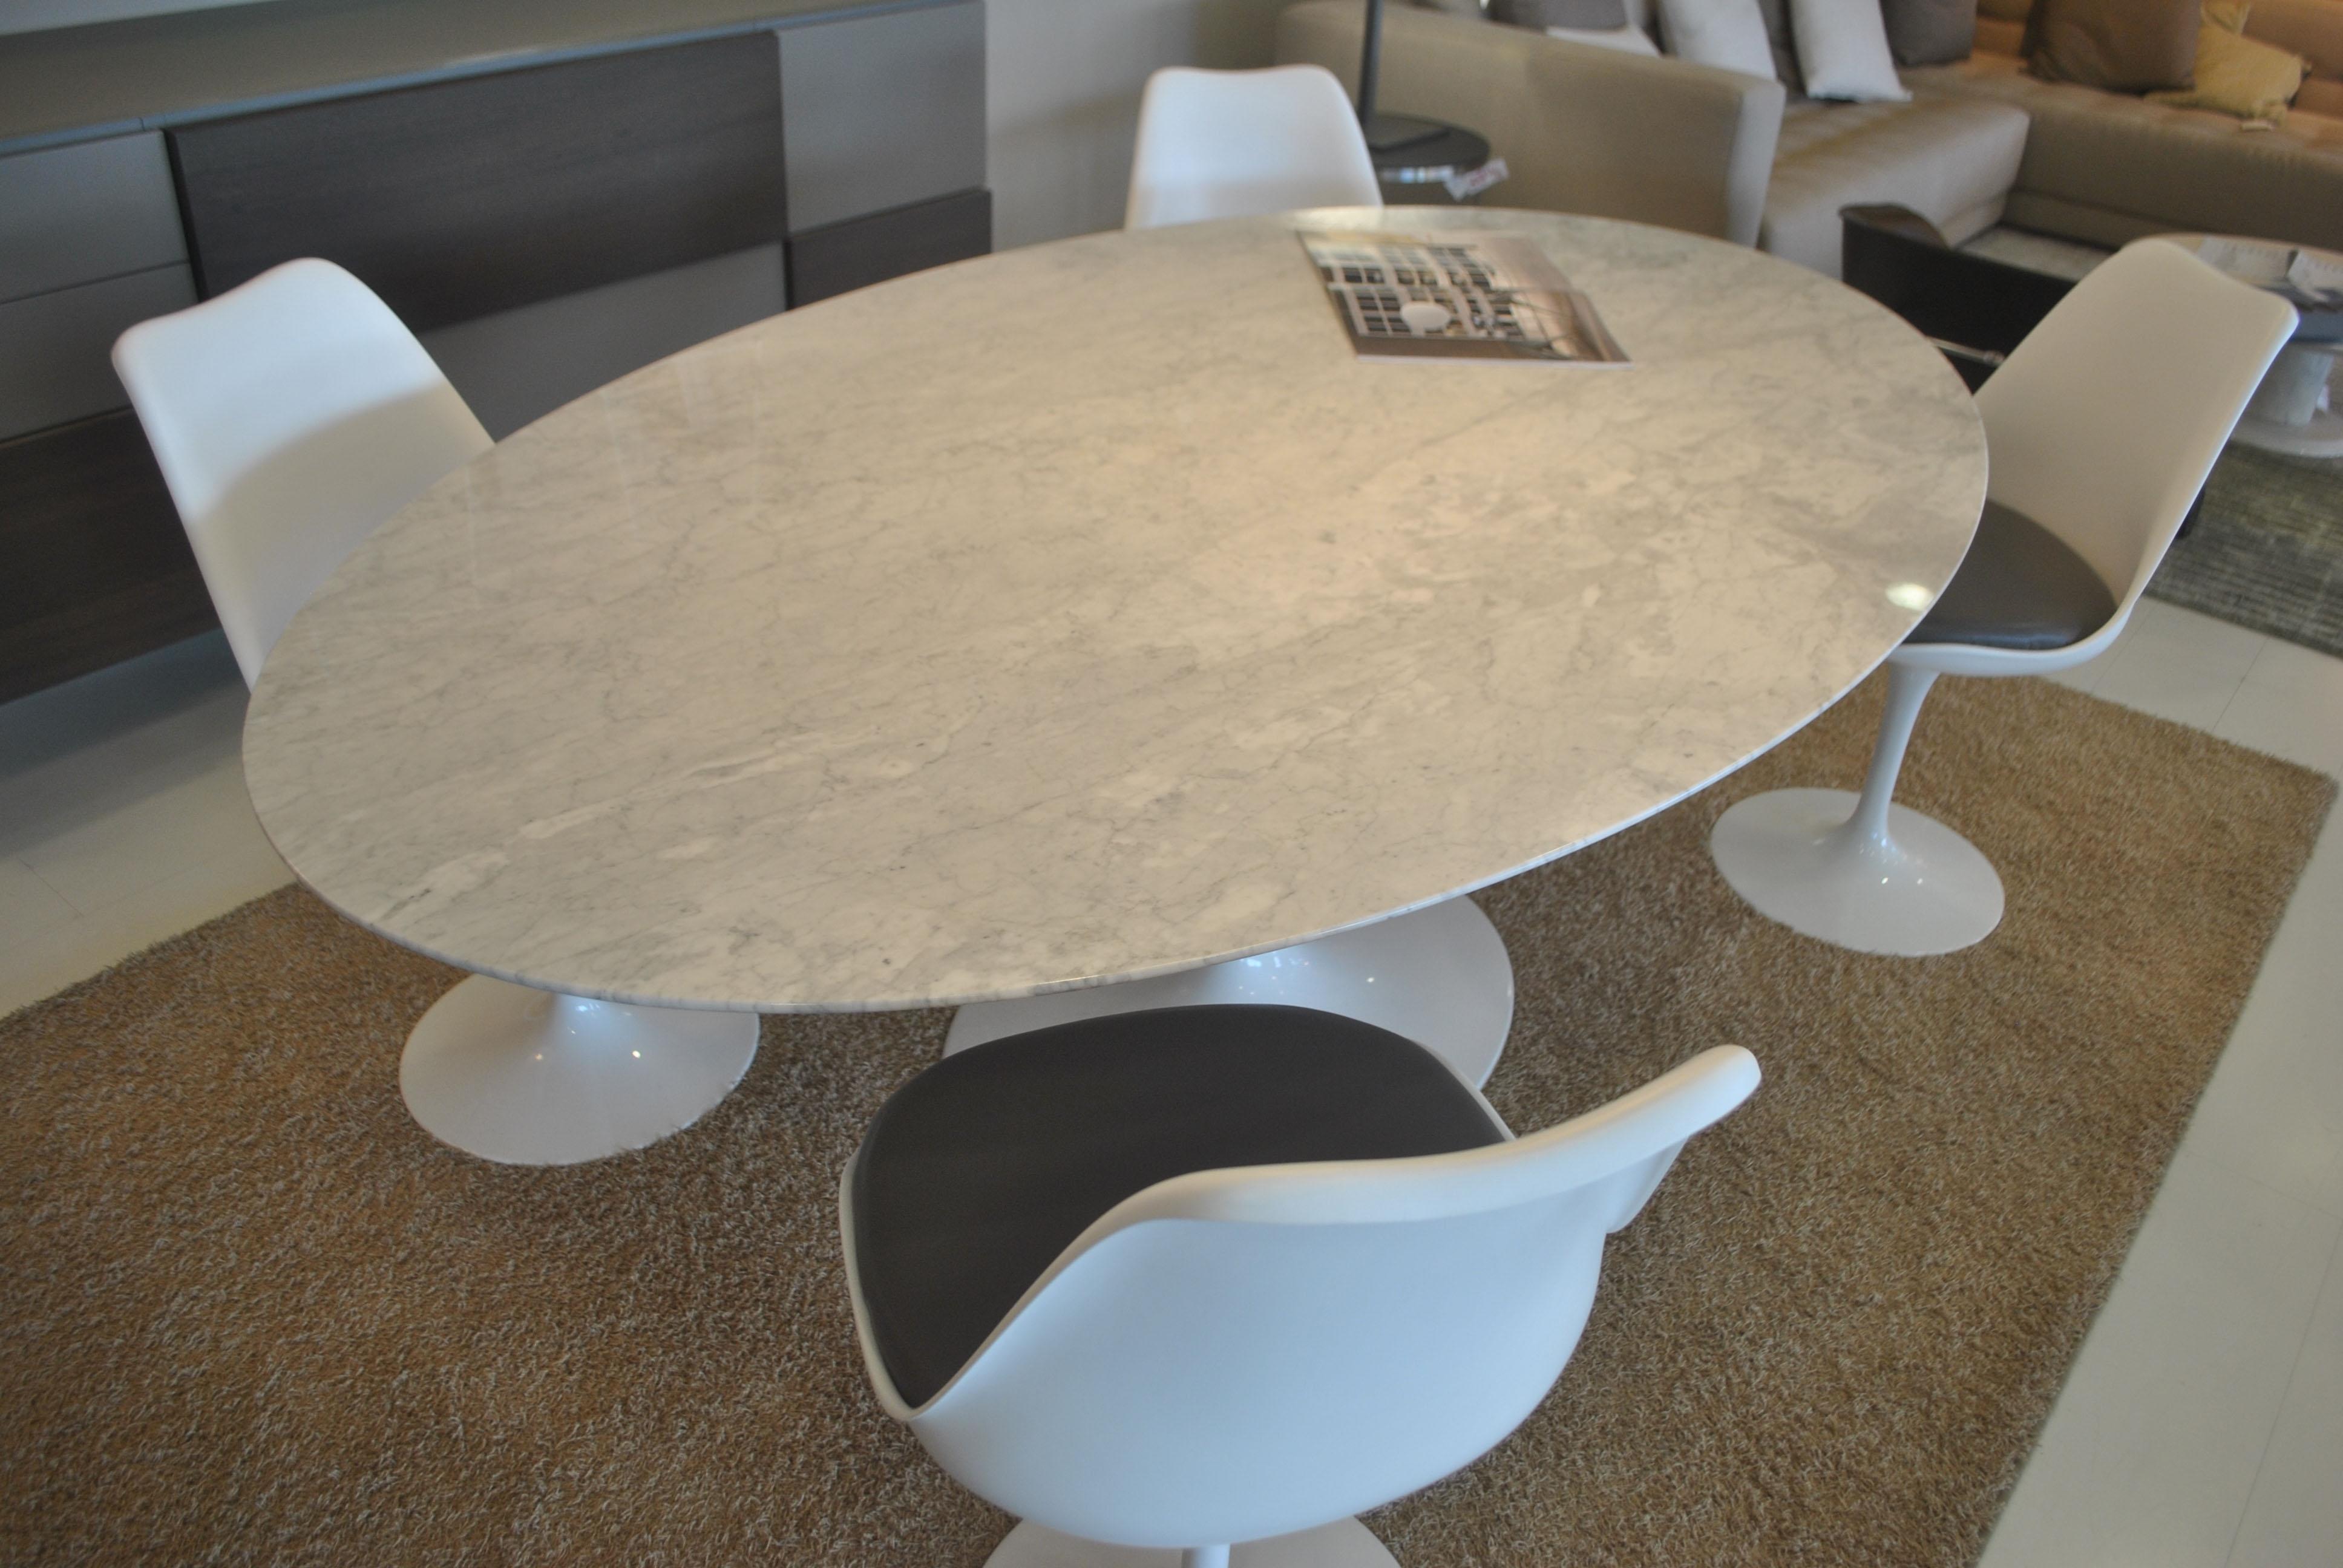 Tavolo ovale alivar e saarinen marmo bianco michelangelo for Tavolo da fumo fai da te